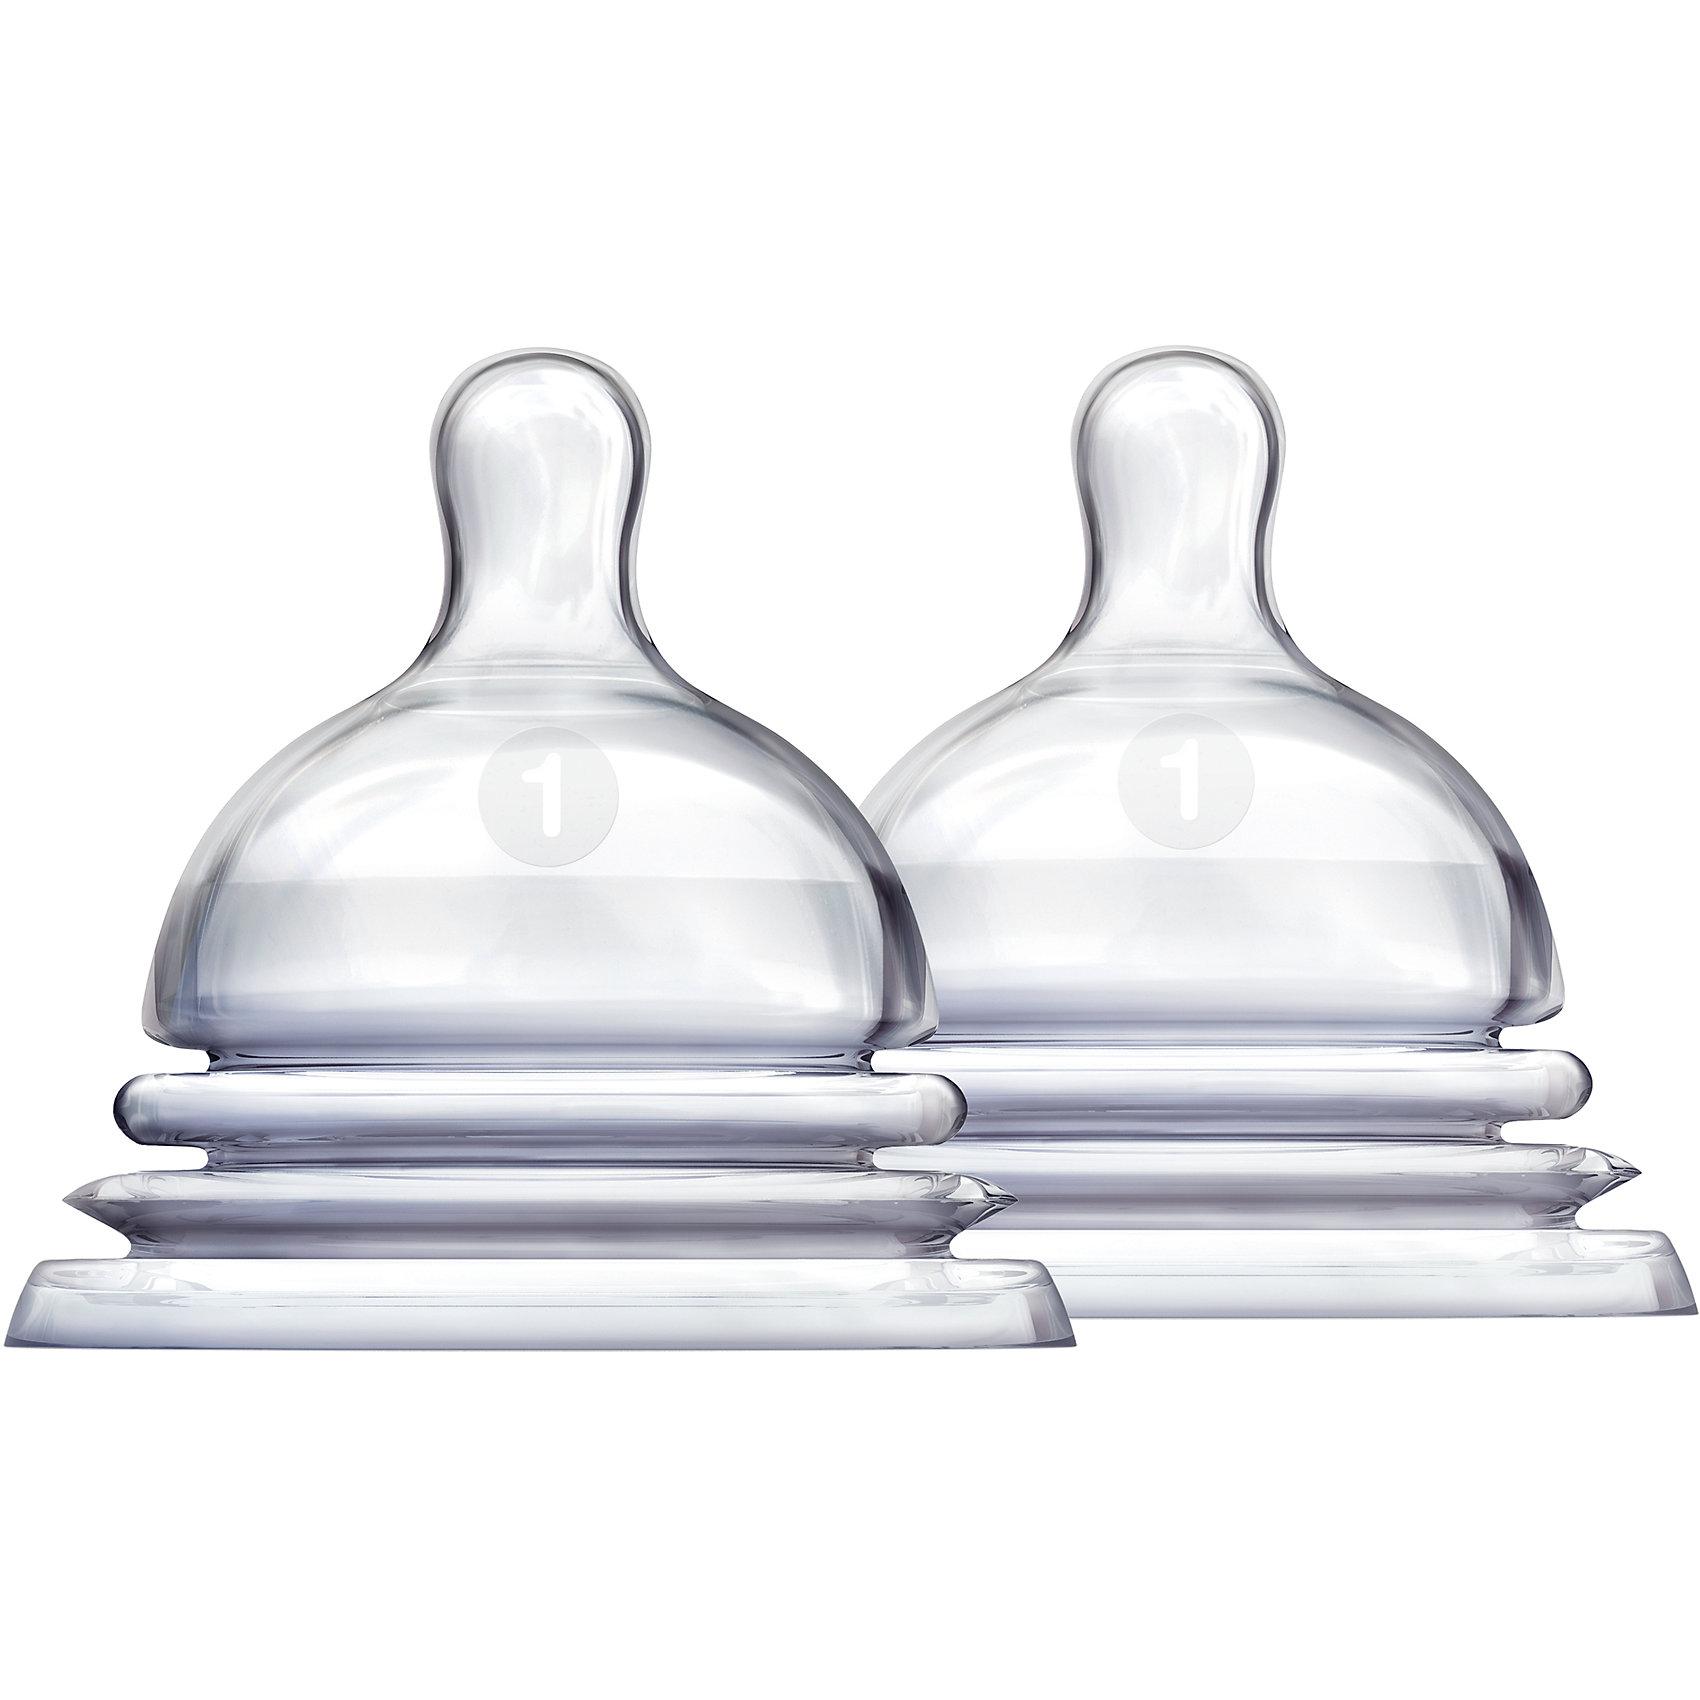 Соска силиконовая LATCH , 2шт., MunchkinОсобое гибкое основание соски, напоминающее гармошку, позволяет держать бутылочку под углом, при этом ребенок комфортно себя чувствует во время кормления даже при смене положения тела. Широкое основание и форма соски обеспечивает правильный захват соски ребенком, что препятствует заглатыванию воздуха и снижает вероятность возникновения коликов; поток соскиLatchразмер 1 (0+) был специально уменьшен, чтобы максимально приблизить форму соски к форме женского соска; соска обеспечивает максимально естественное кормление, приближенное к грудному; подходят для мытья в верхней части посудомоечной машины; в комплекте 2 штуки<br><br>Ширина мм: 90<br>Глубина мм: 90<br>Высота мм: 150<br>Вес г: 50<br>Возраст от месяцев: 0<br>Возраст до месяцев: 6<br>Пол: Унисекс<br>Возраст: Детский<br>SKU: 5507251